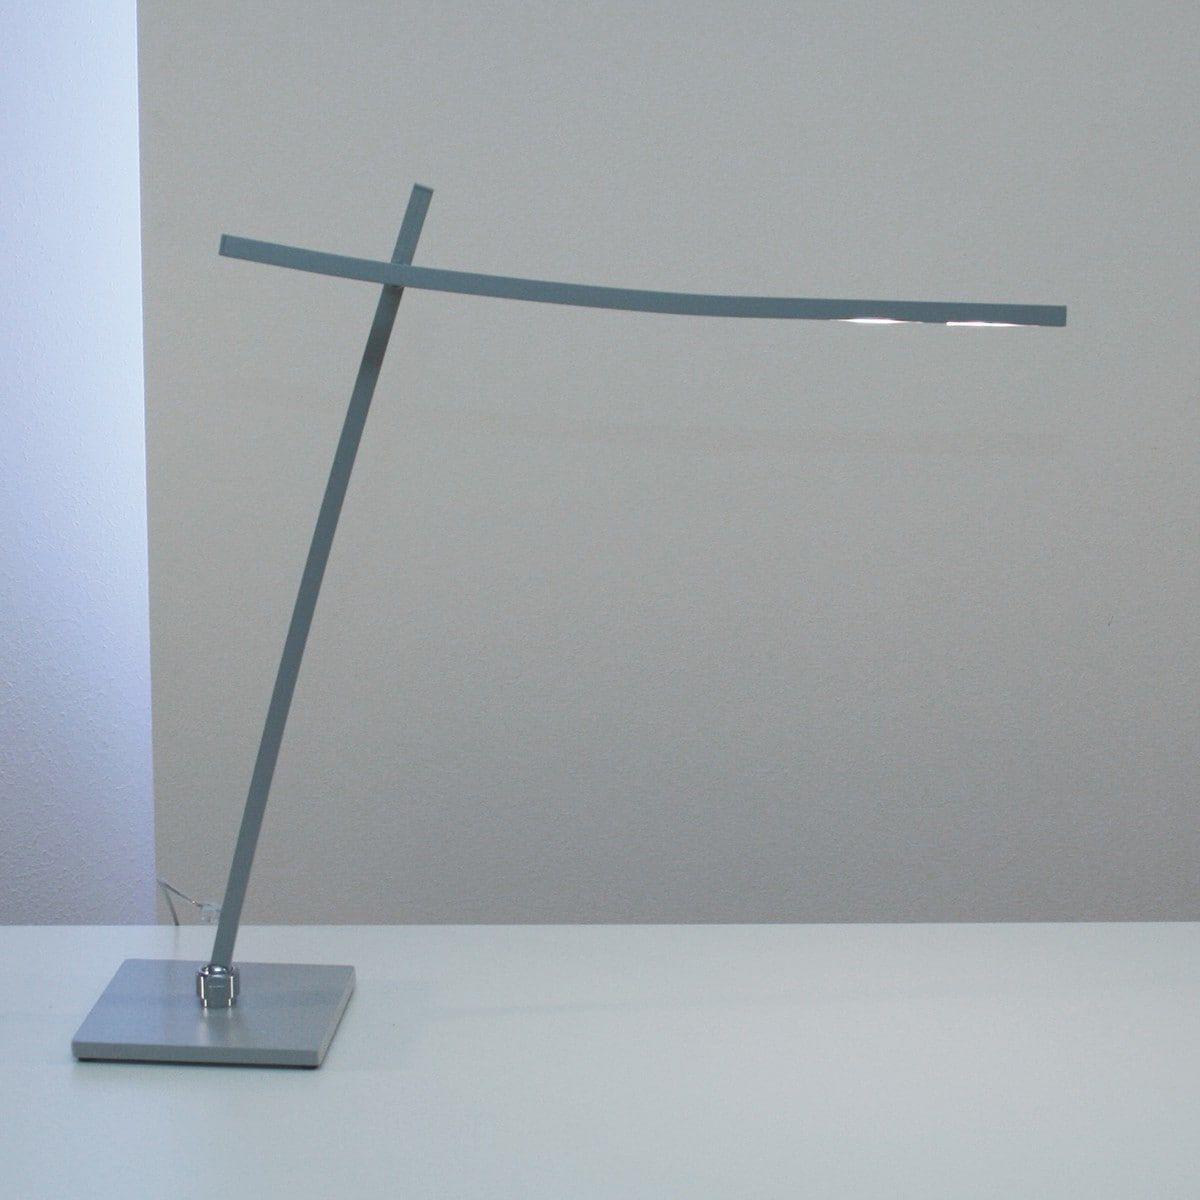 Nachttischlampe Holz Weiss Nachttischleuchte Mit Schirm Nachttischleuchte Turkis Tischleuchten Fur Schlafzimmer Tischleuchte Led Hangeleuchte Led Strahler